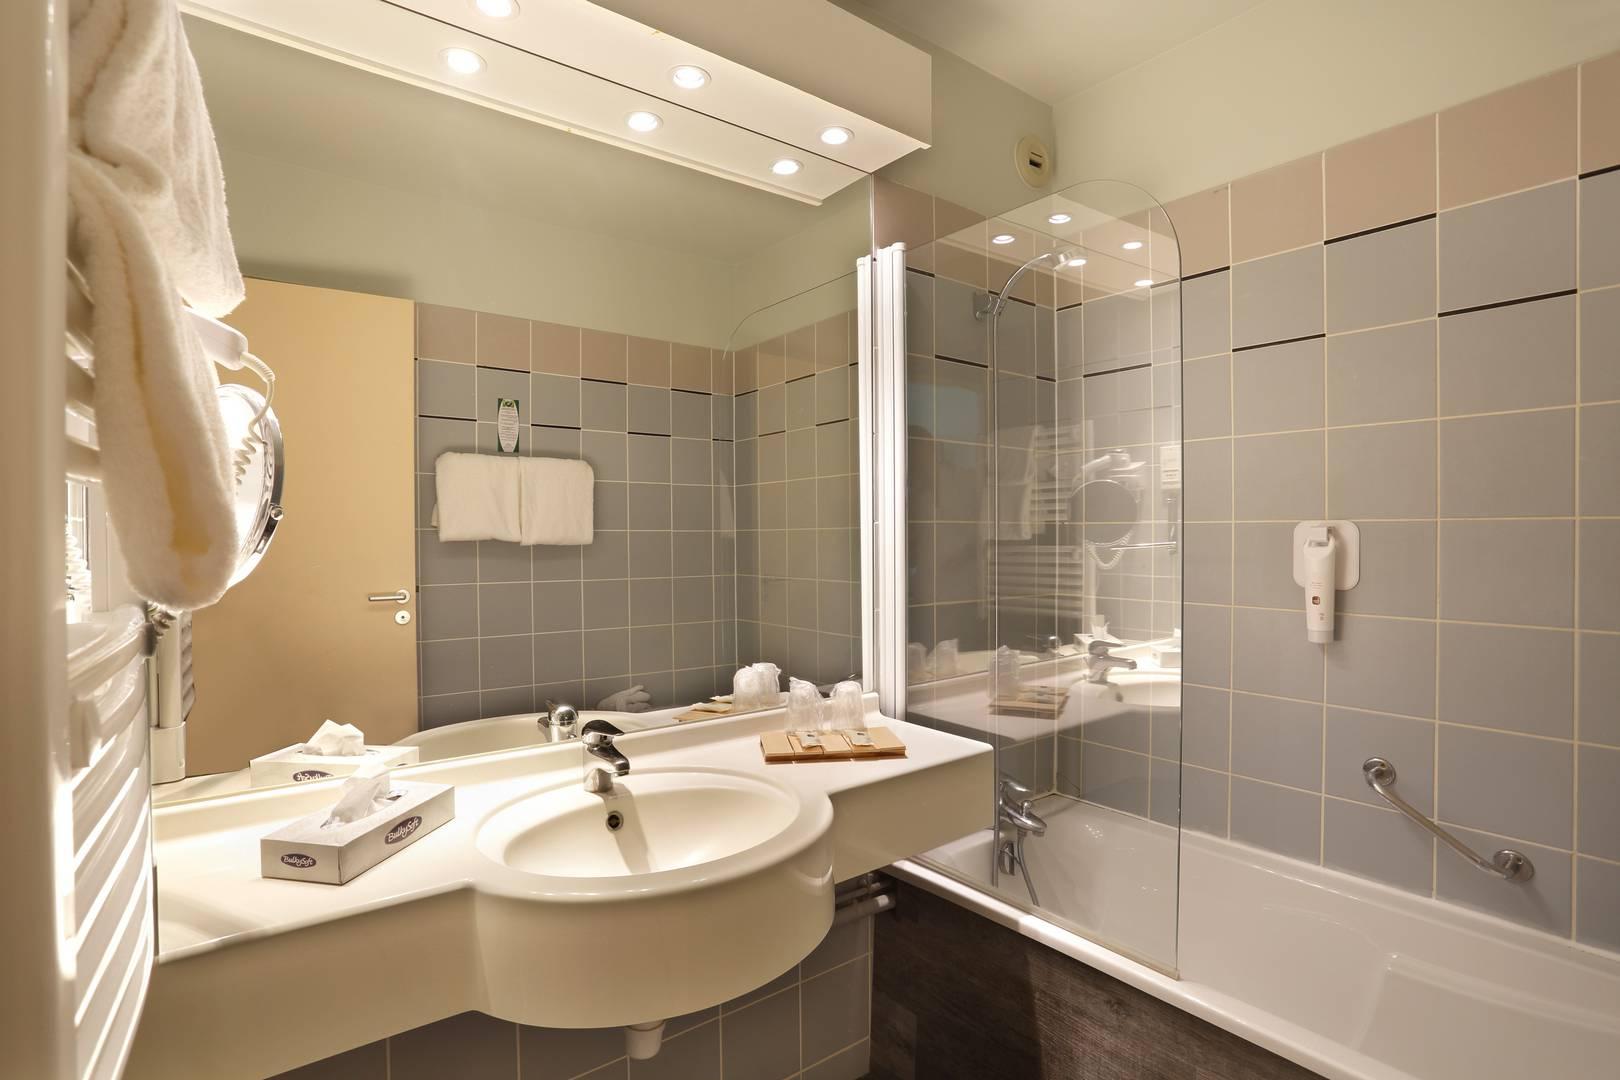 Salle De Bain Famille hotel spa reims : chambre famille, chambre avec vue sur le lac